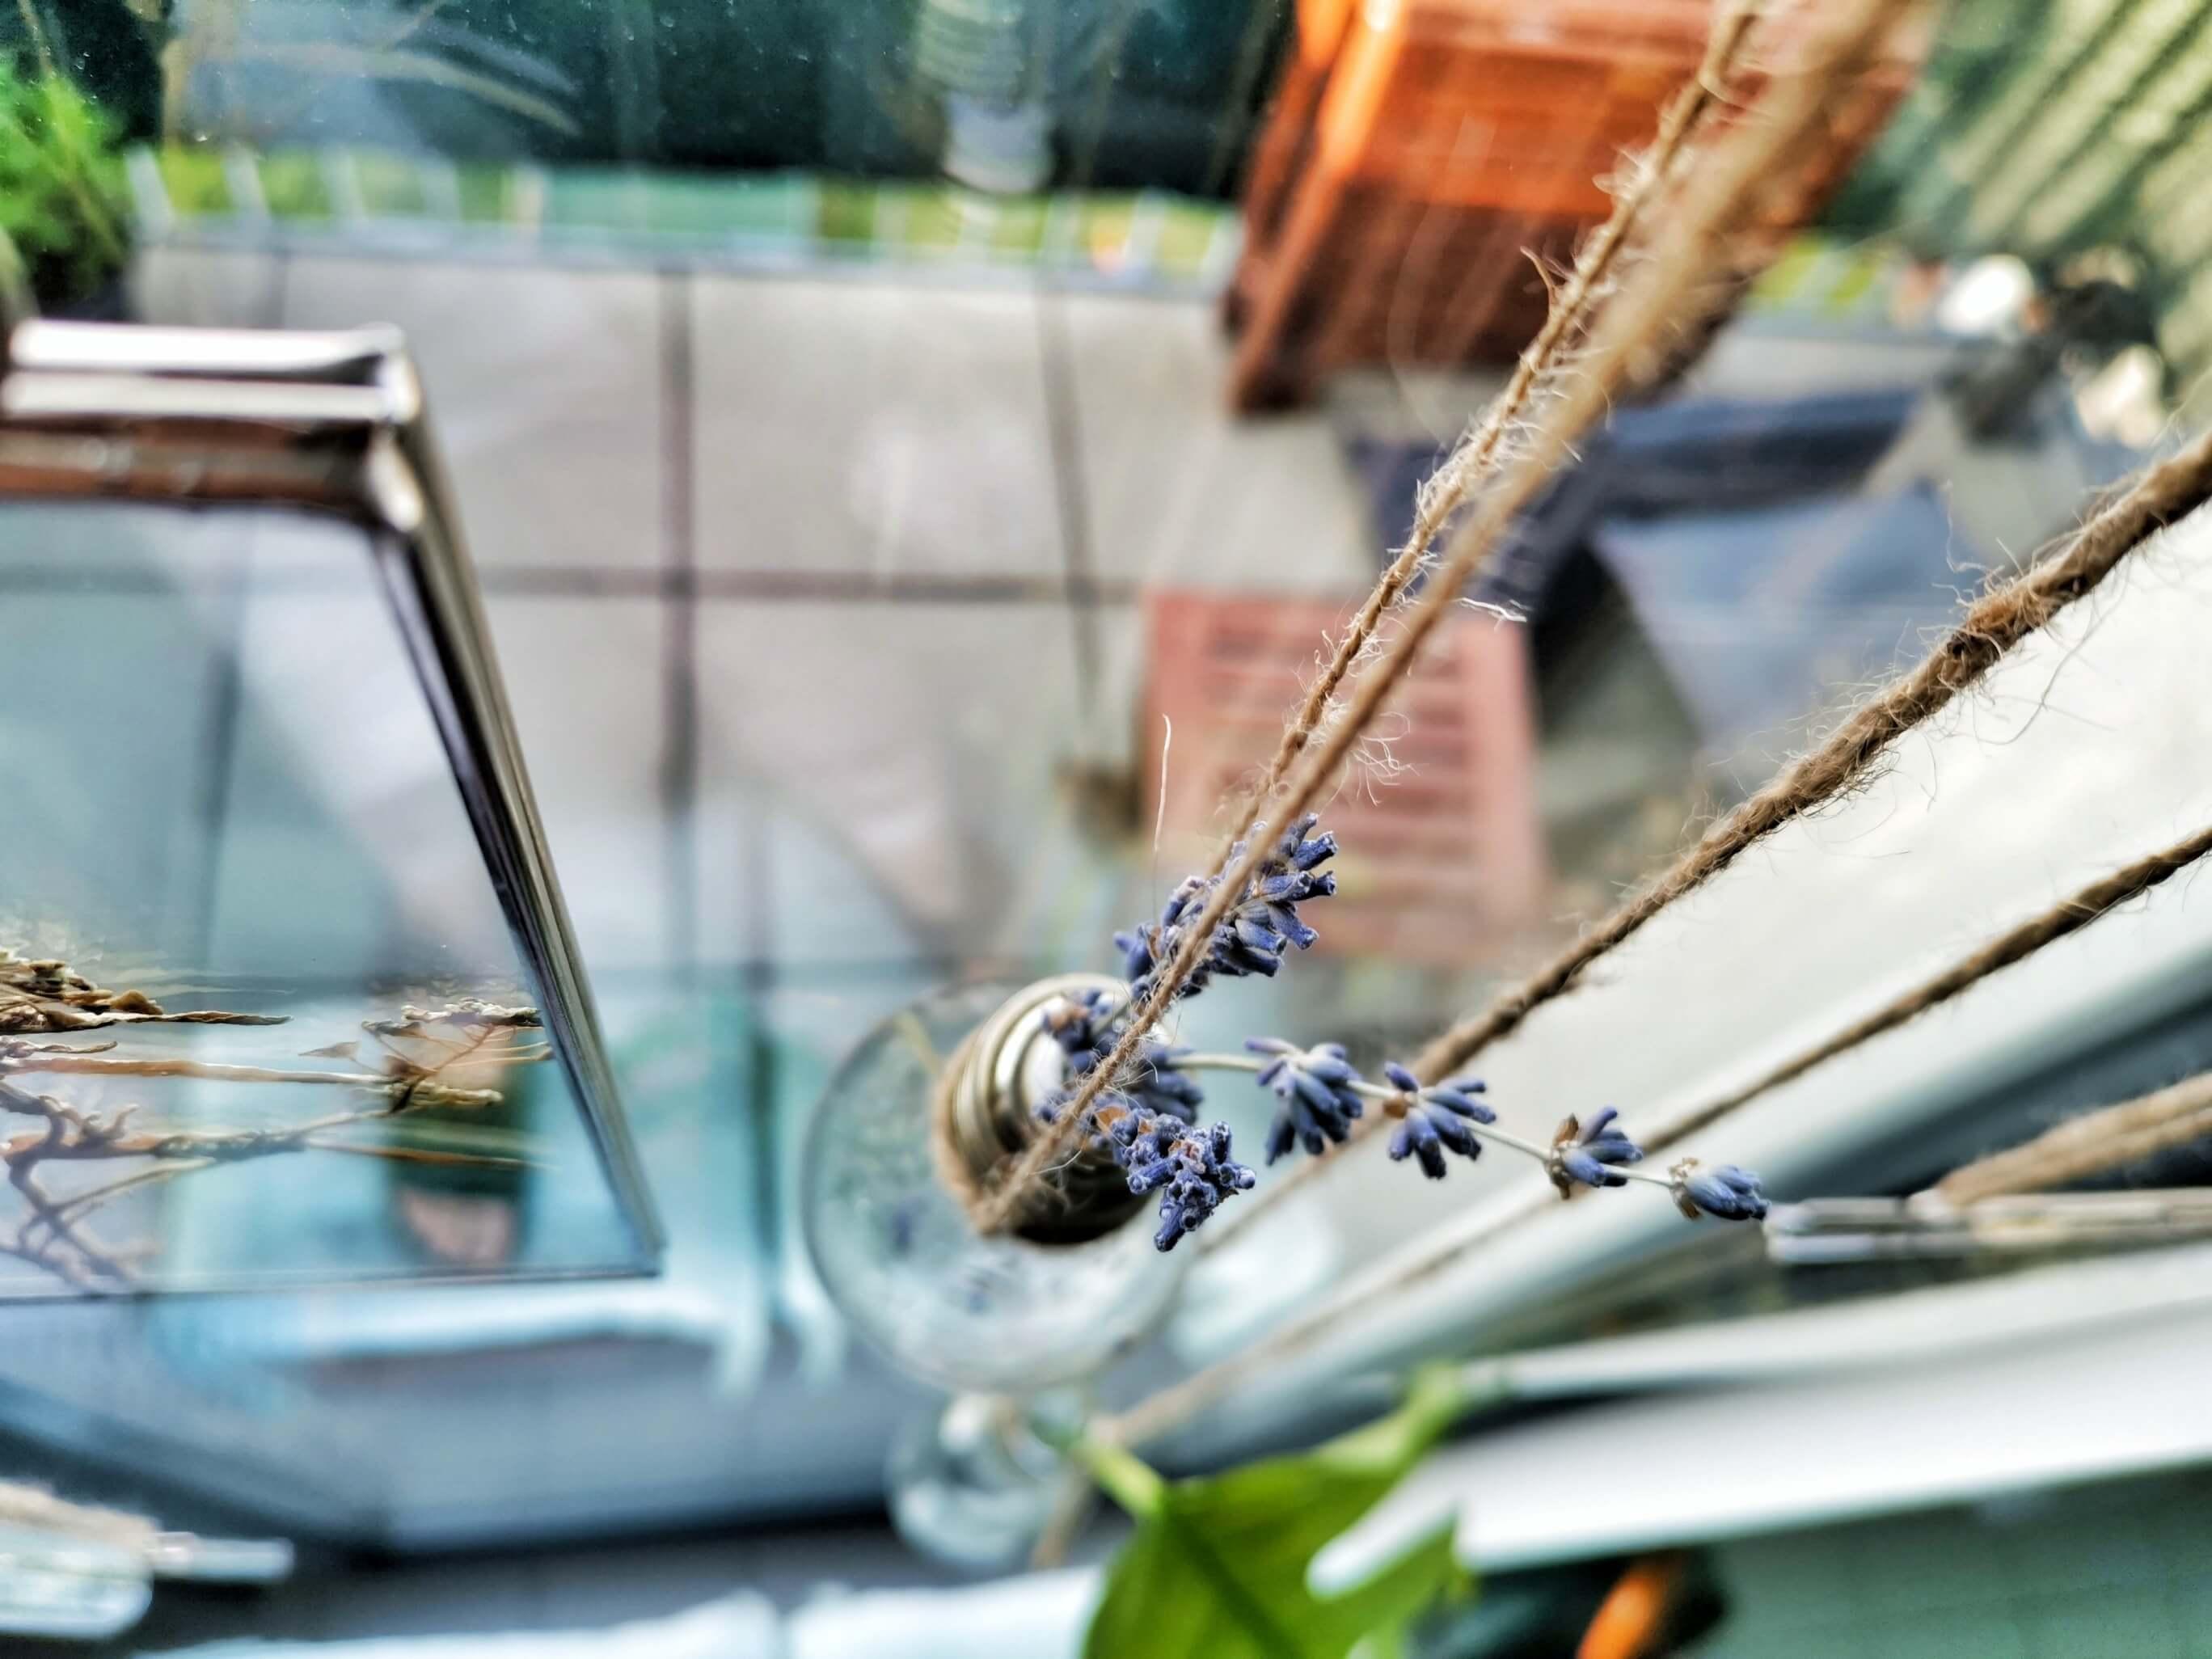 IMG 20190501 185656 01 resized 20190513 100701559 1 - Botanický windowstyling: Vymeňte záclony za okenný herbár